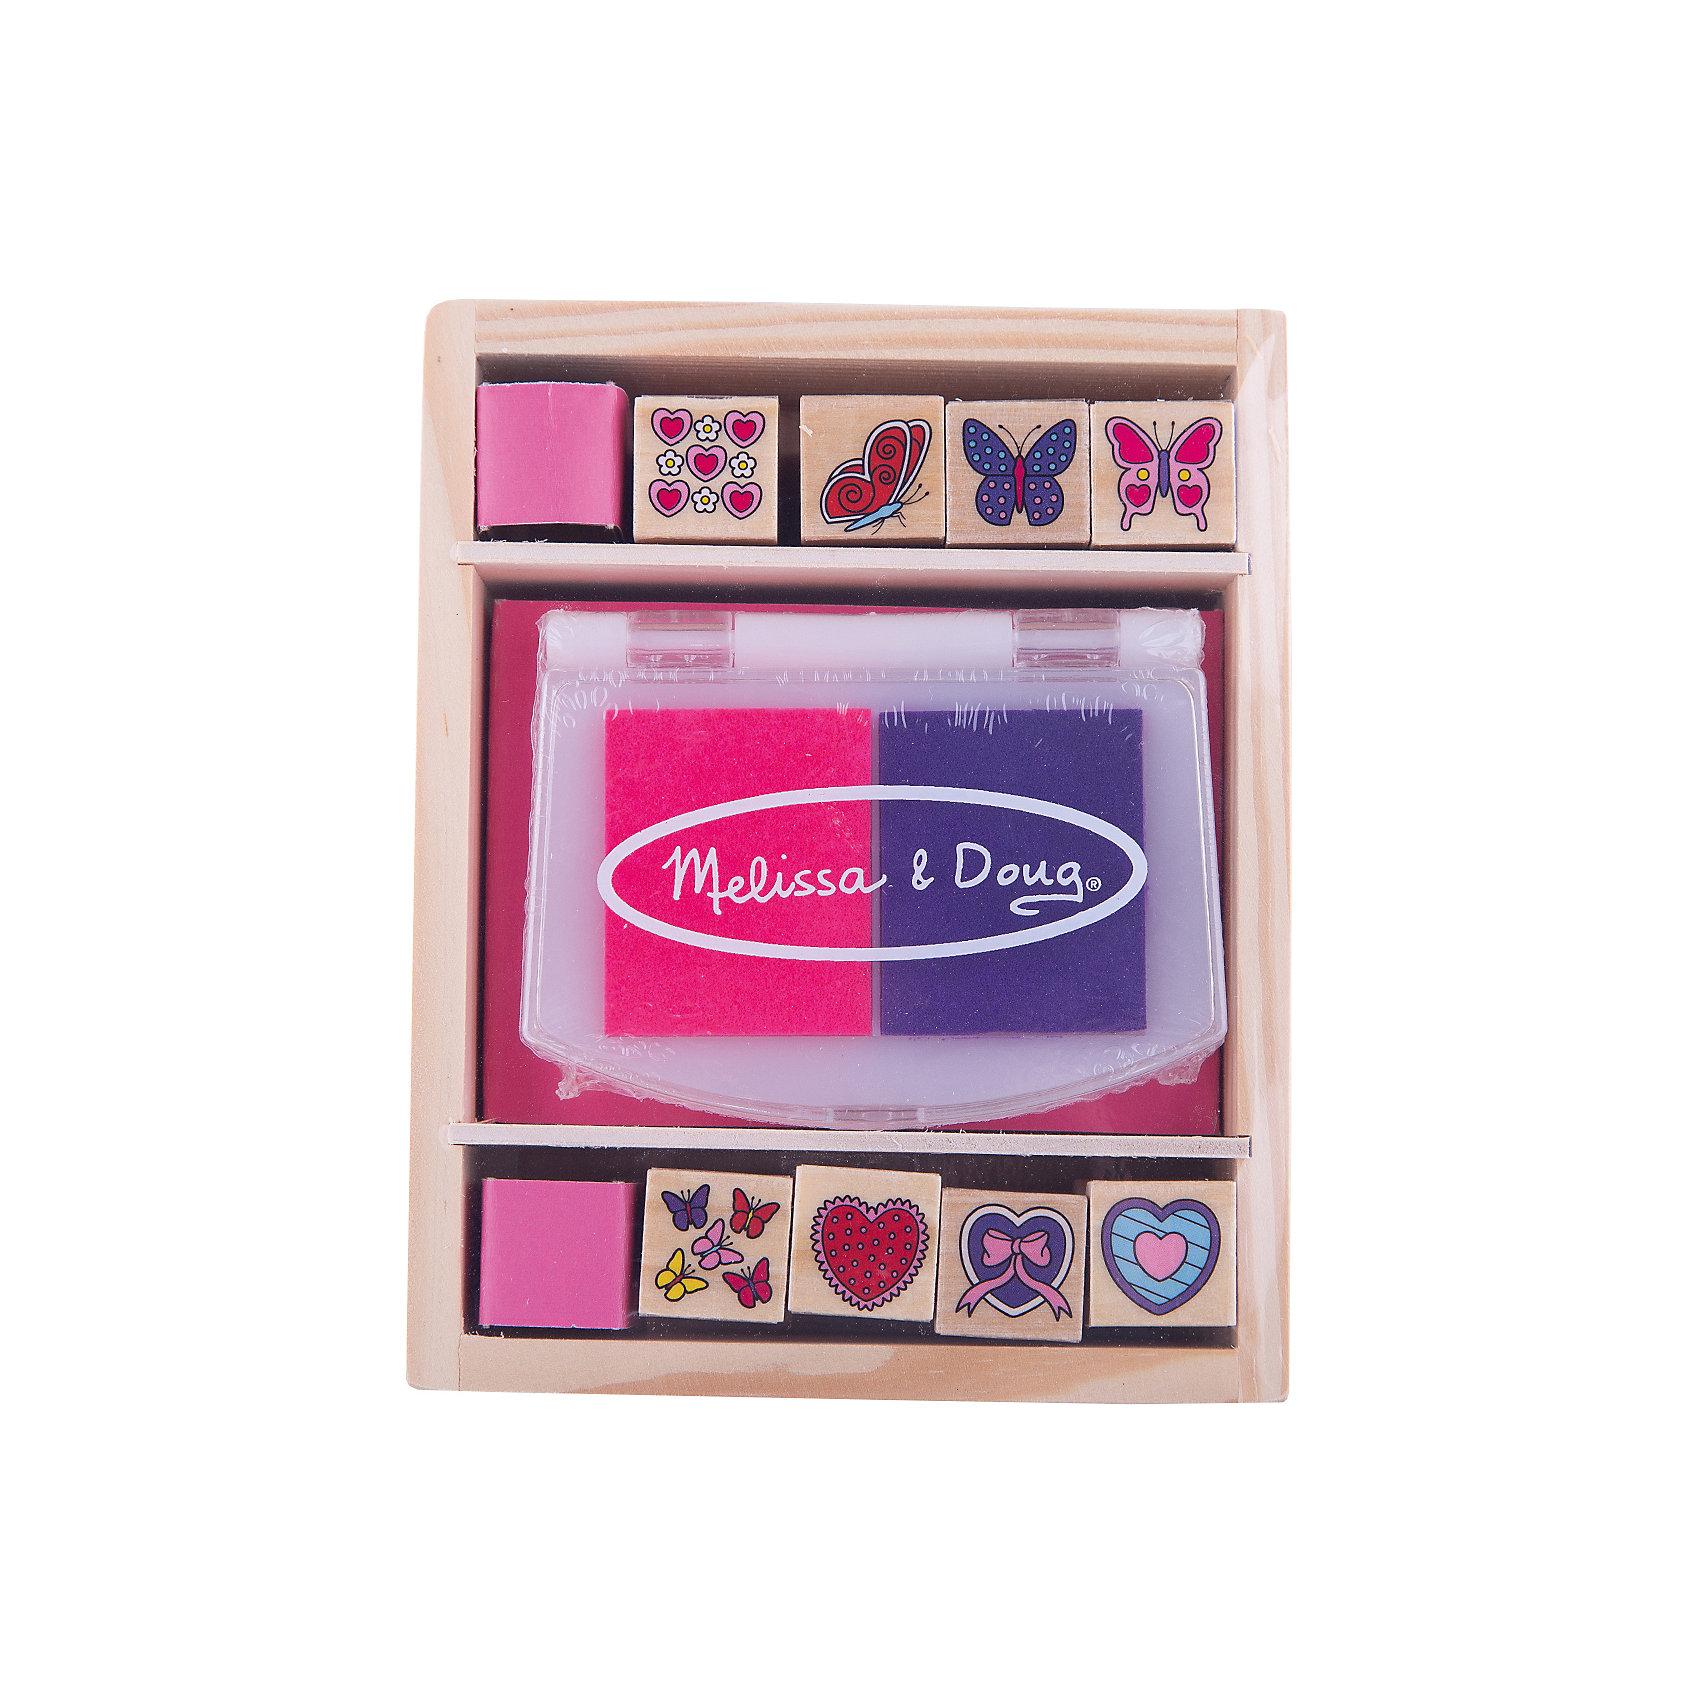 Набор печатей Бабочки и сердечки, Melissa &amp; DougОтличный набор серии «Творчество», хранящийся в удобном деревянном ящичке. <br><br>В набор печатей «Бабочки и сердечки» входит двухцветная нетоксичная штемпельная подушечка, 8 печатей с изображениями бабочек и сердечек. <br><br>С этими штампиками ваш ребенок сможет создать красивые рисунки. Очень актуальная игрушка для детей, которые пока еще слишком малы и не умеют рисовать. <br><br>Чернила с печатей смываются, благодаря чему Ваш маленький художник может неоднократно радовать Вас яркими картинками. <br><br>Дополнительная информация:<br><br>Материал: дерево<br>Размер: 5 х 13 х 16 см<br>В комплекте 8 штампов и двухцветная подушечка<br><br>Набор печатей Бабочки и сердечки, Melissa &amp; Doug можно купить в нашем магазине.<br><br>Ширина мм: 50<br>Глубина мм: 160<br>Высота мм: 130<br>Вес г: 290<br>Возраст от месяцев: 48<br>Возраст до месяцев: 84<br>Пол: Женский<br>Возраст: Детский<br>SKU: 2401064